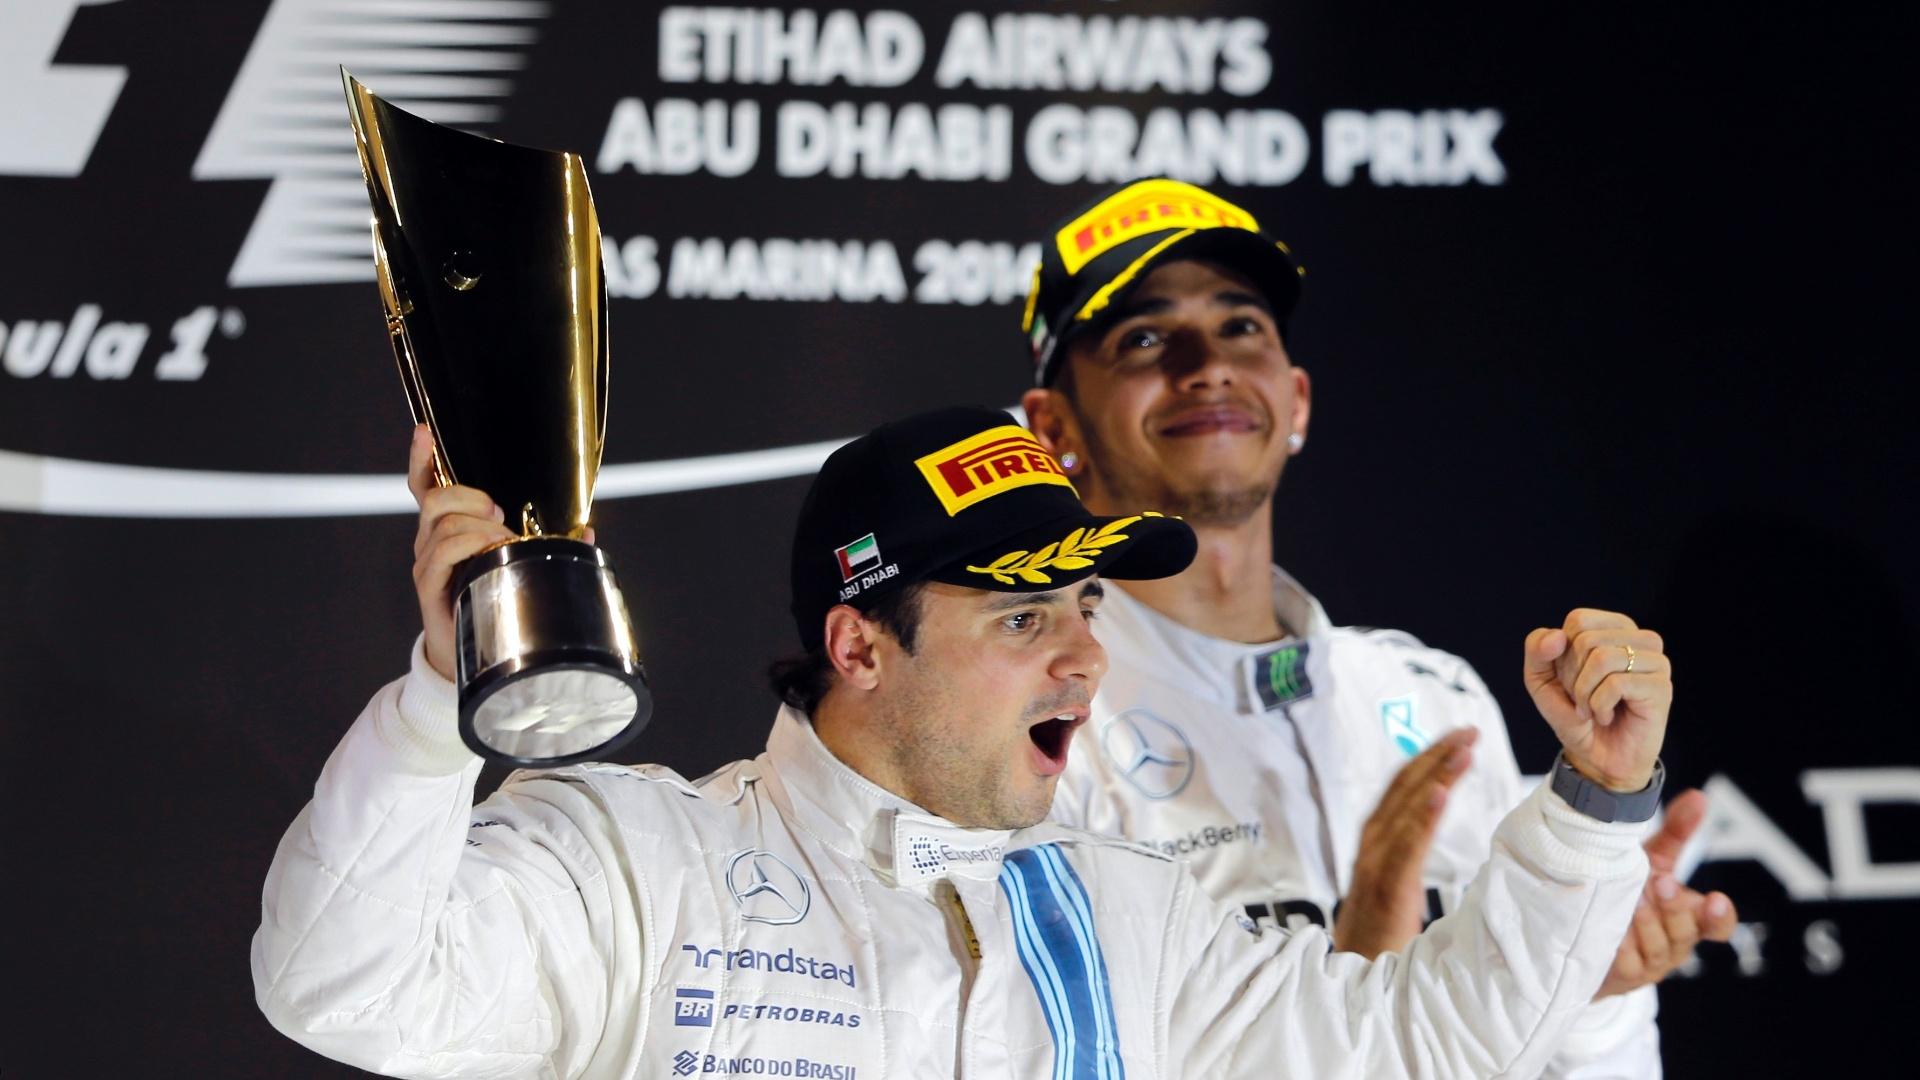 Felipe Massa comemora o segundo lugar, sua melhor posição em um GP desde 2012